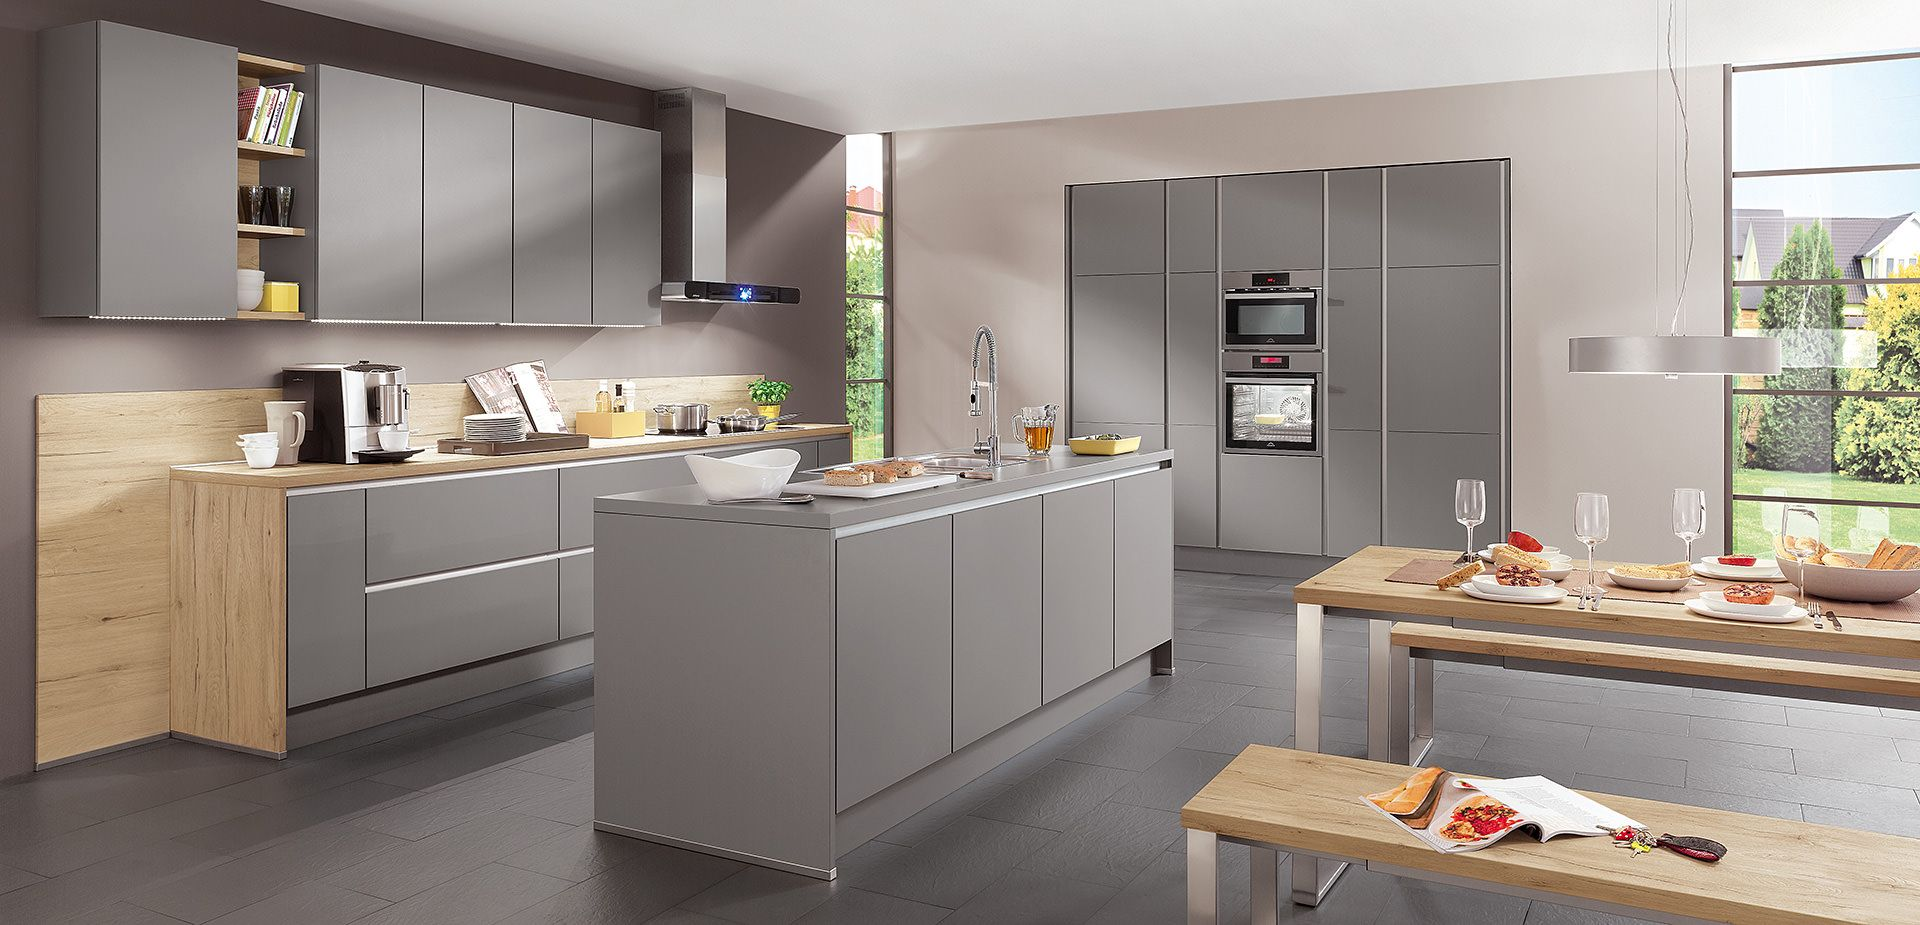 Küchengalerie: Ideengeber für Ihre neue Küche | küche | Pinterest